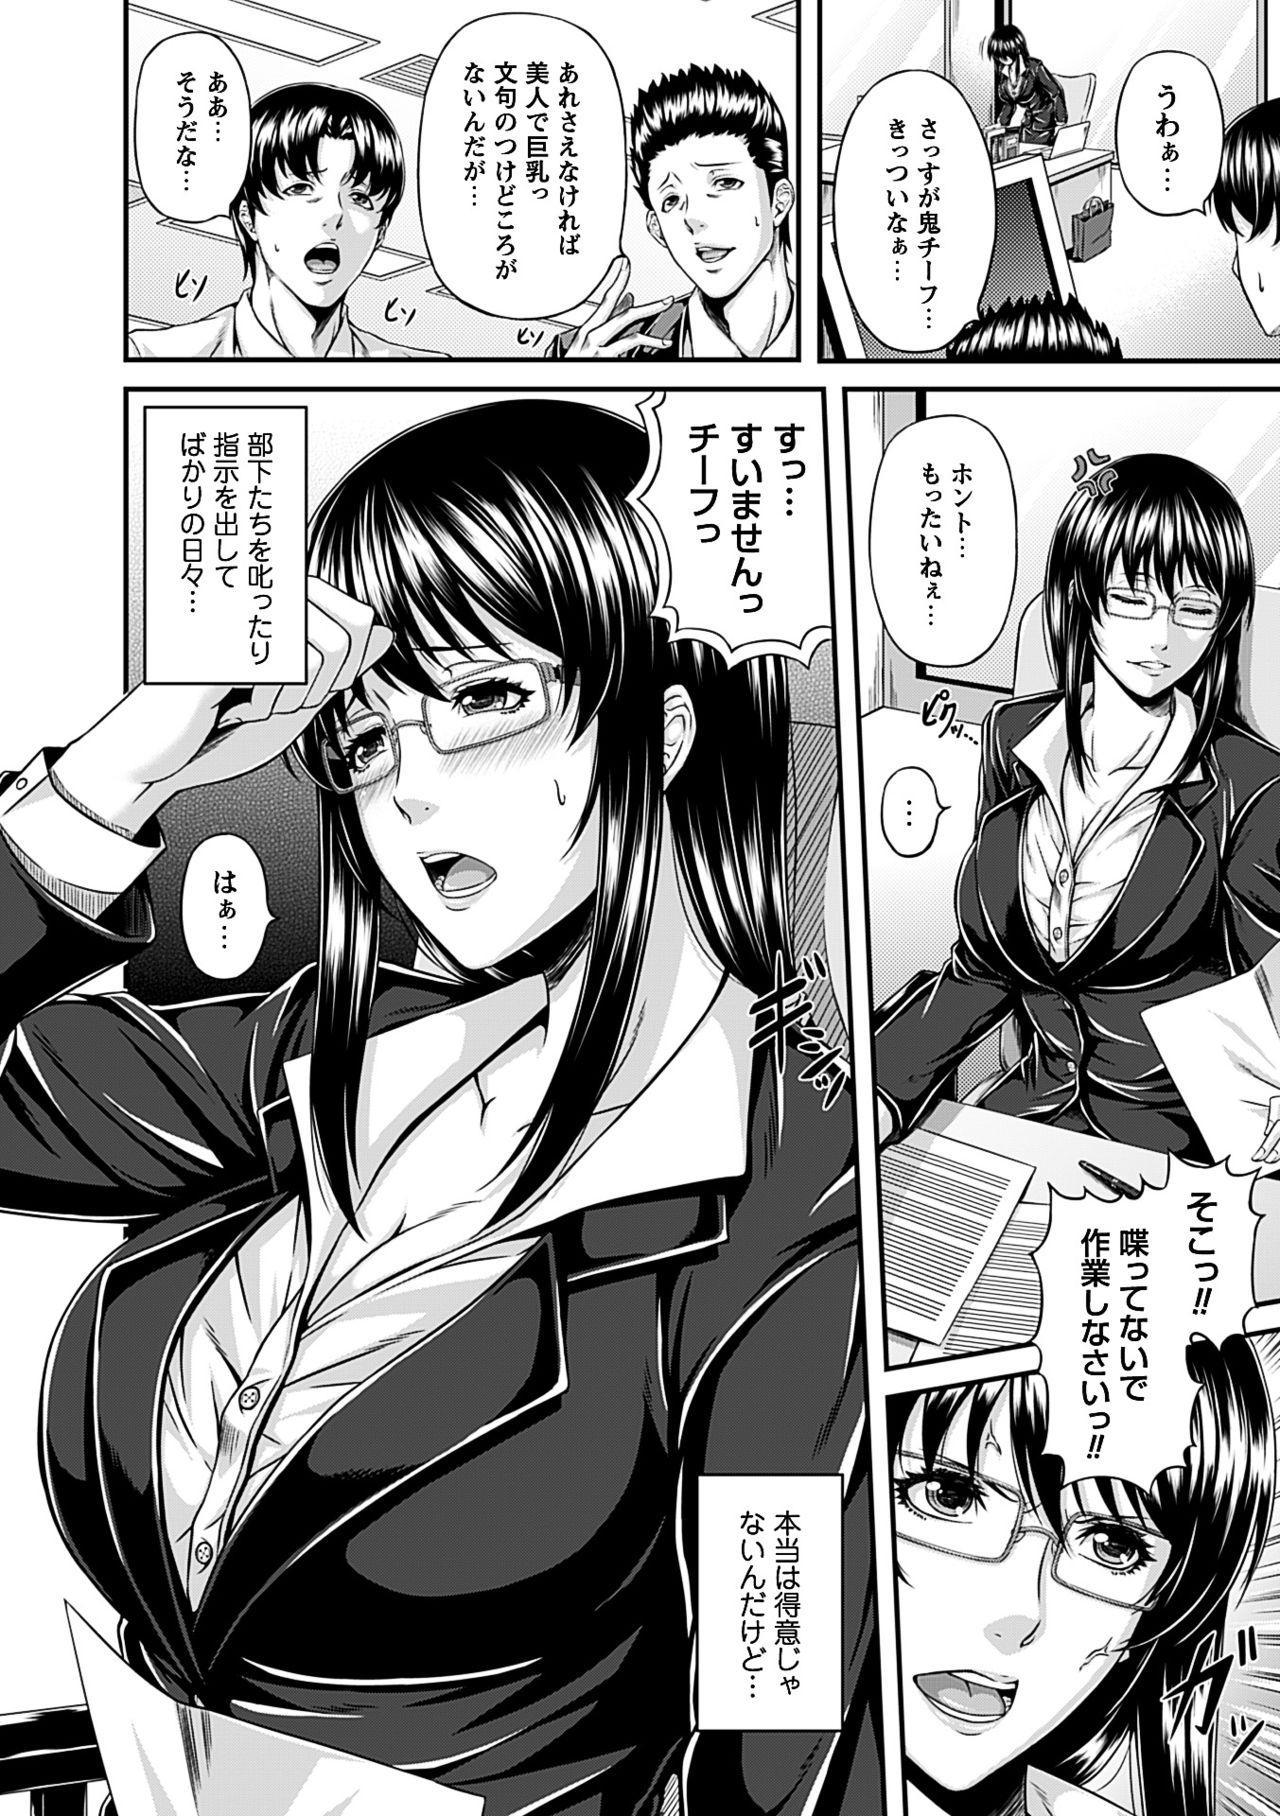 Mesu Hana ga Ochiru Toki - Maidenly Bloom Fallen 117